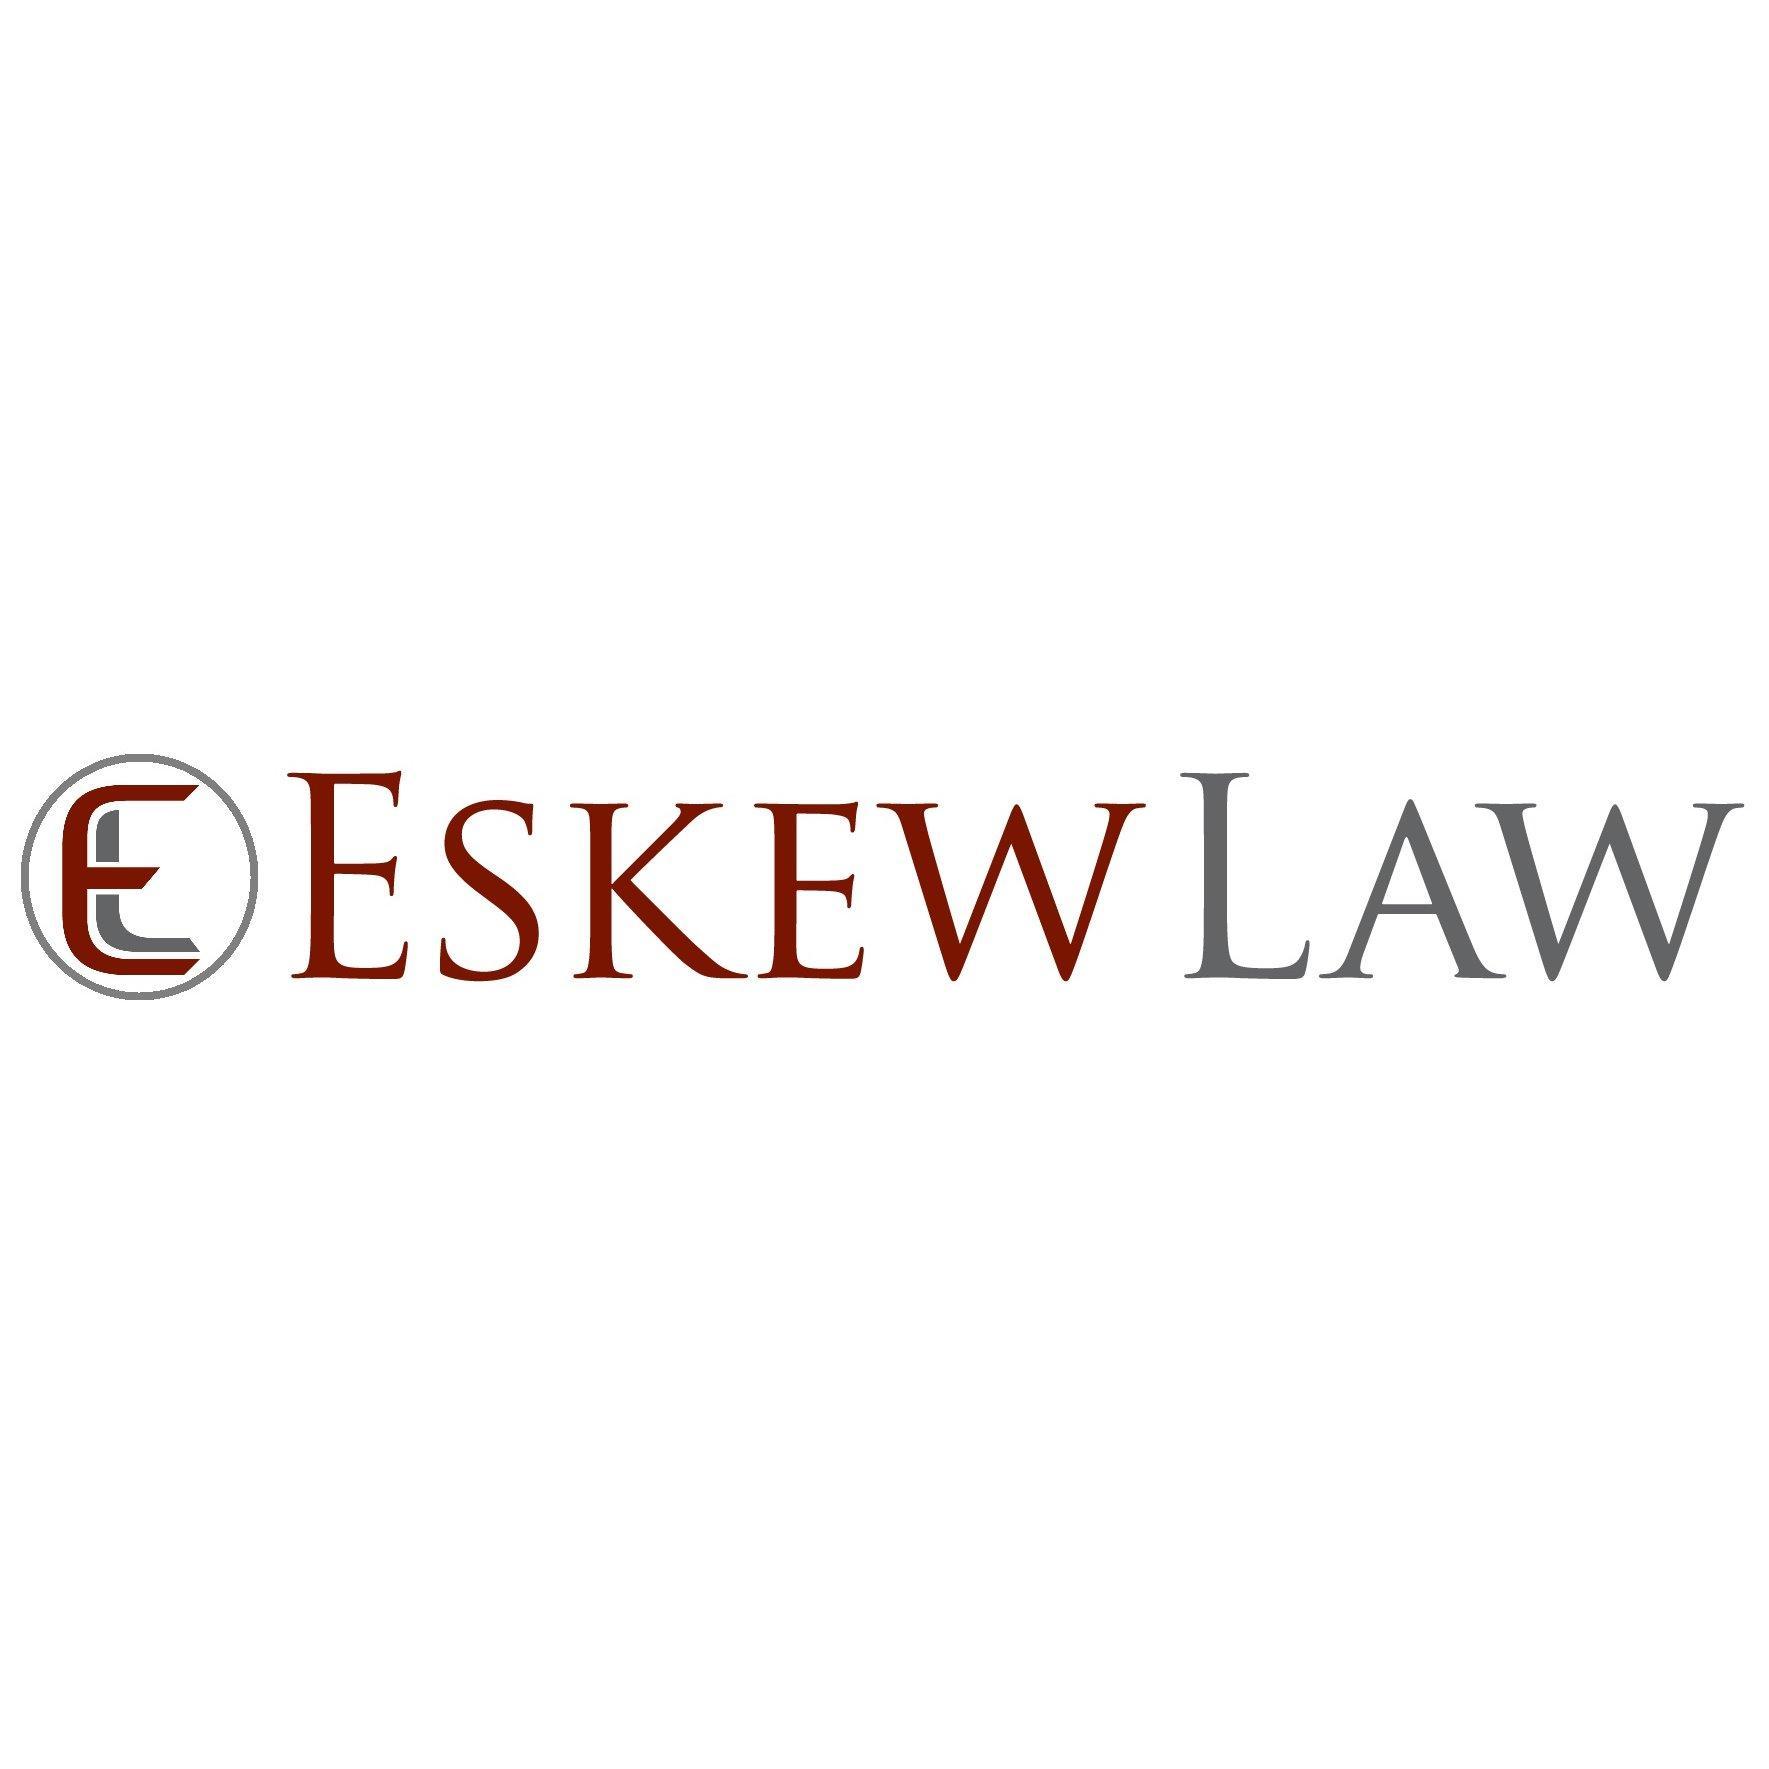 Eskew Law